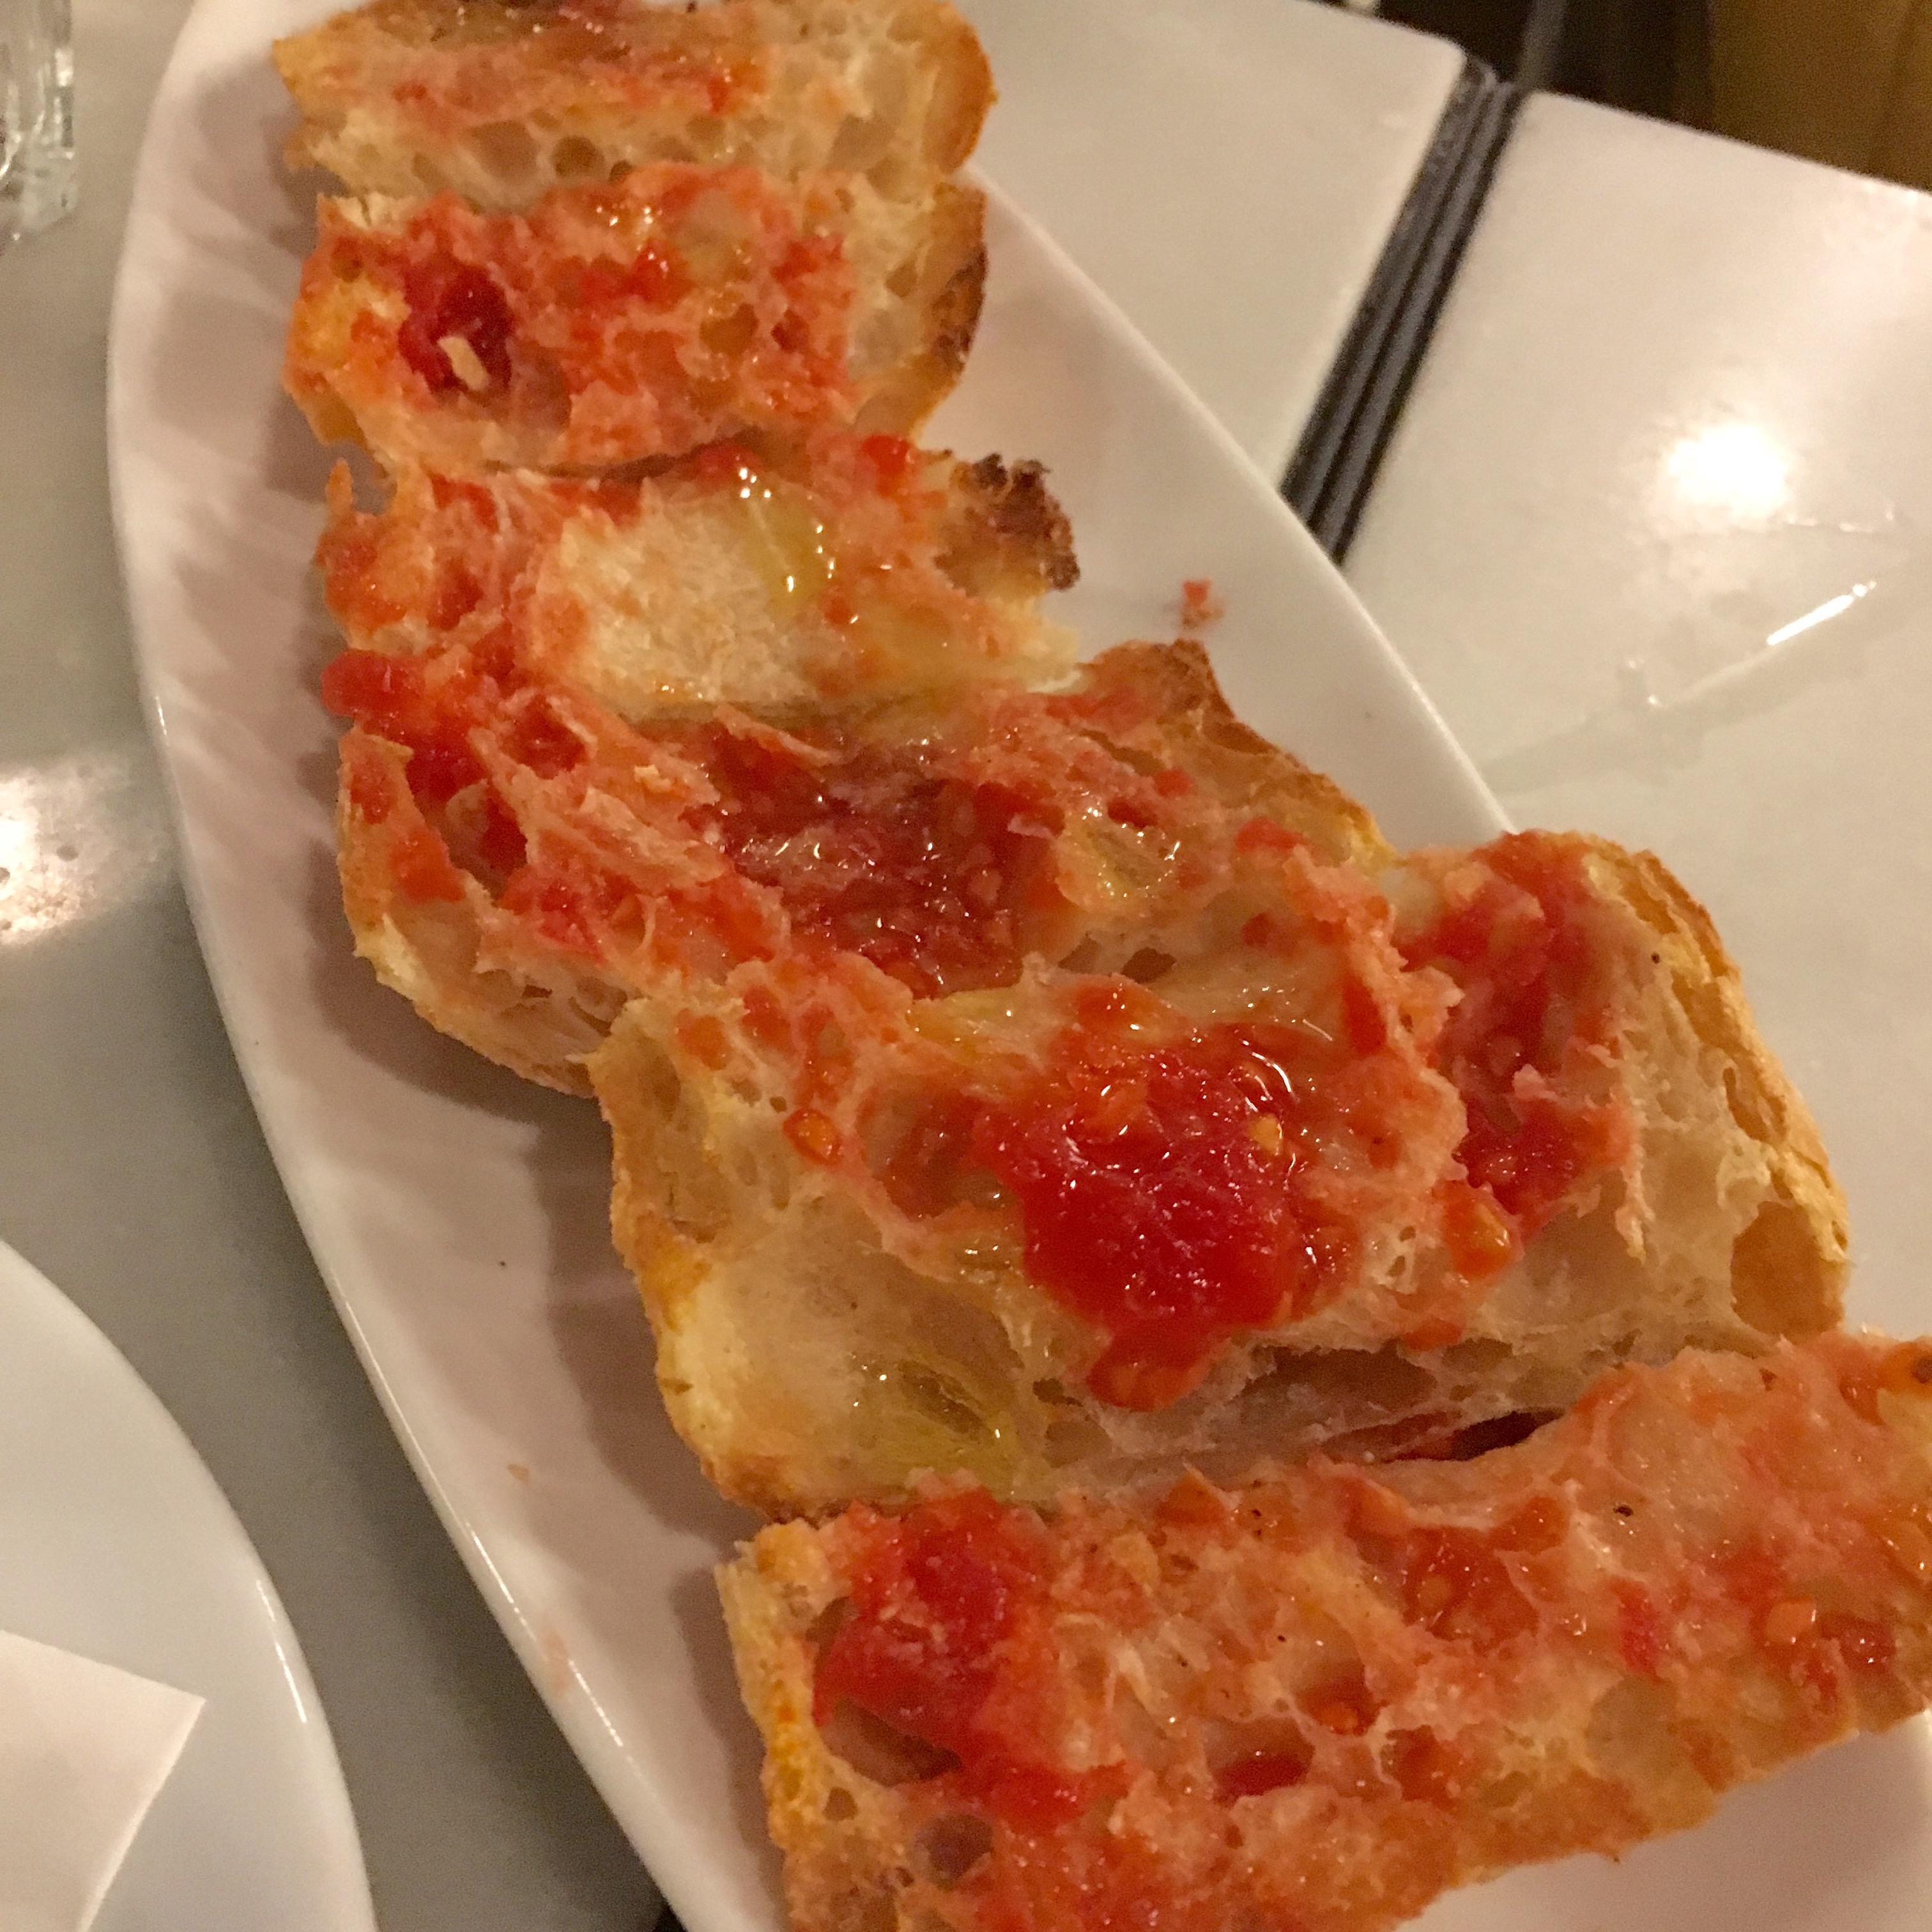 Spanish tomato bread, pan con tomate.